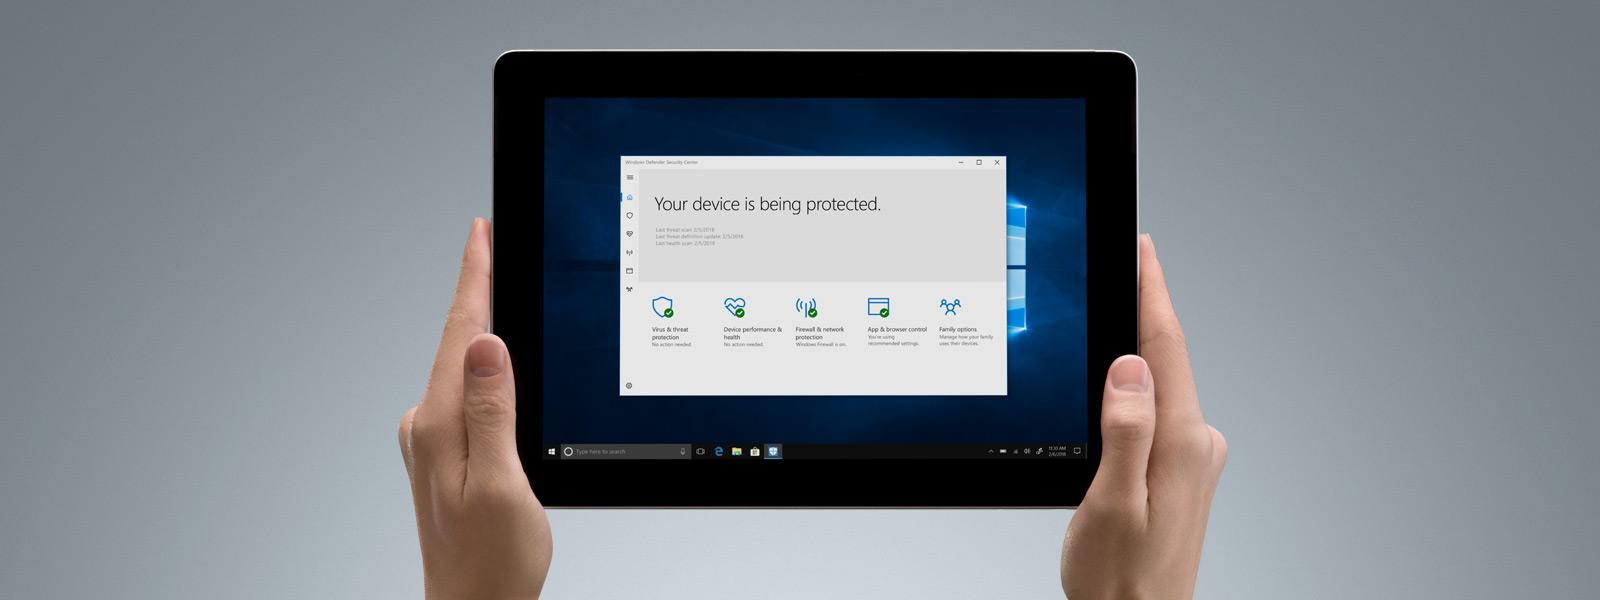 جهاز Surface Go موضوع كجهاز لوحي باستخدام Windows Defender